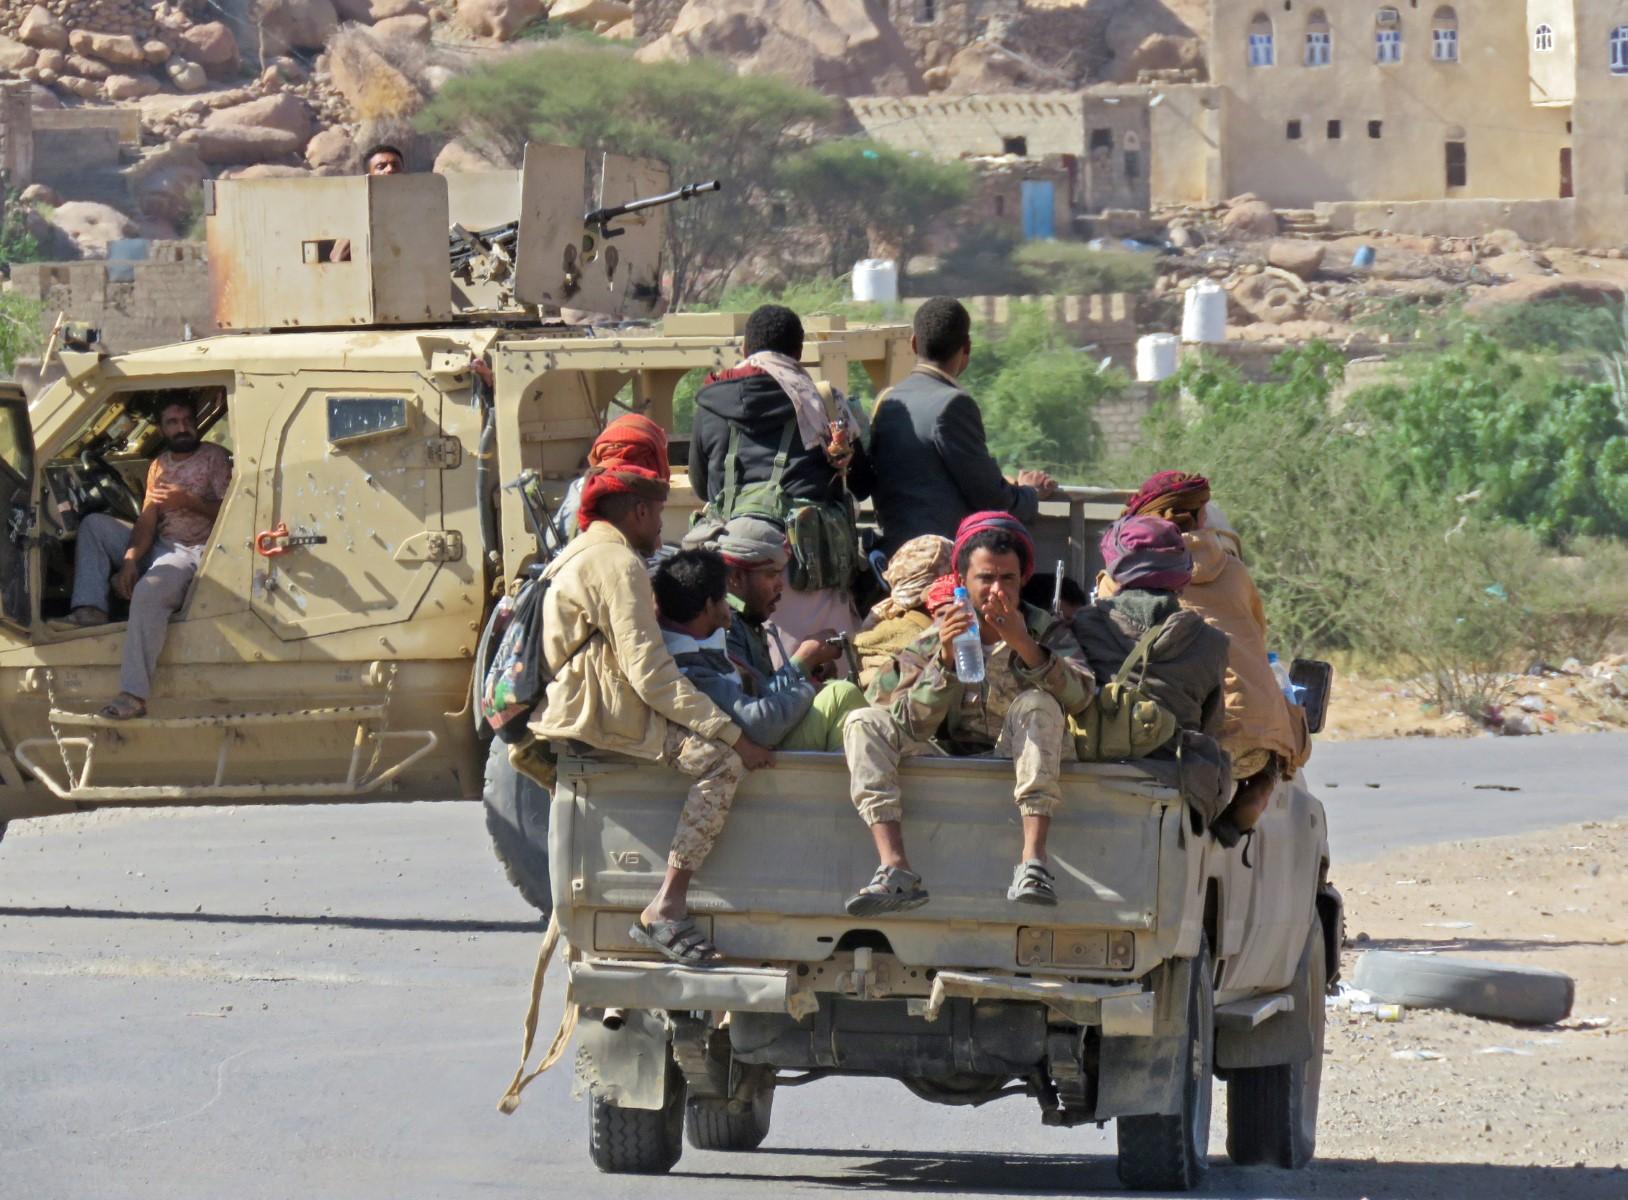 شاهد صور للقوات العسكرية الضخمة التي وصلت اليوم لحسم المعركة في مأرب وسط مجزرة دامية للحوثيين (مستجدات جديدة)